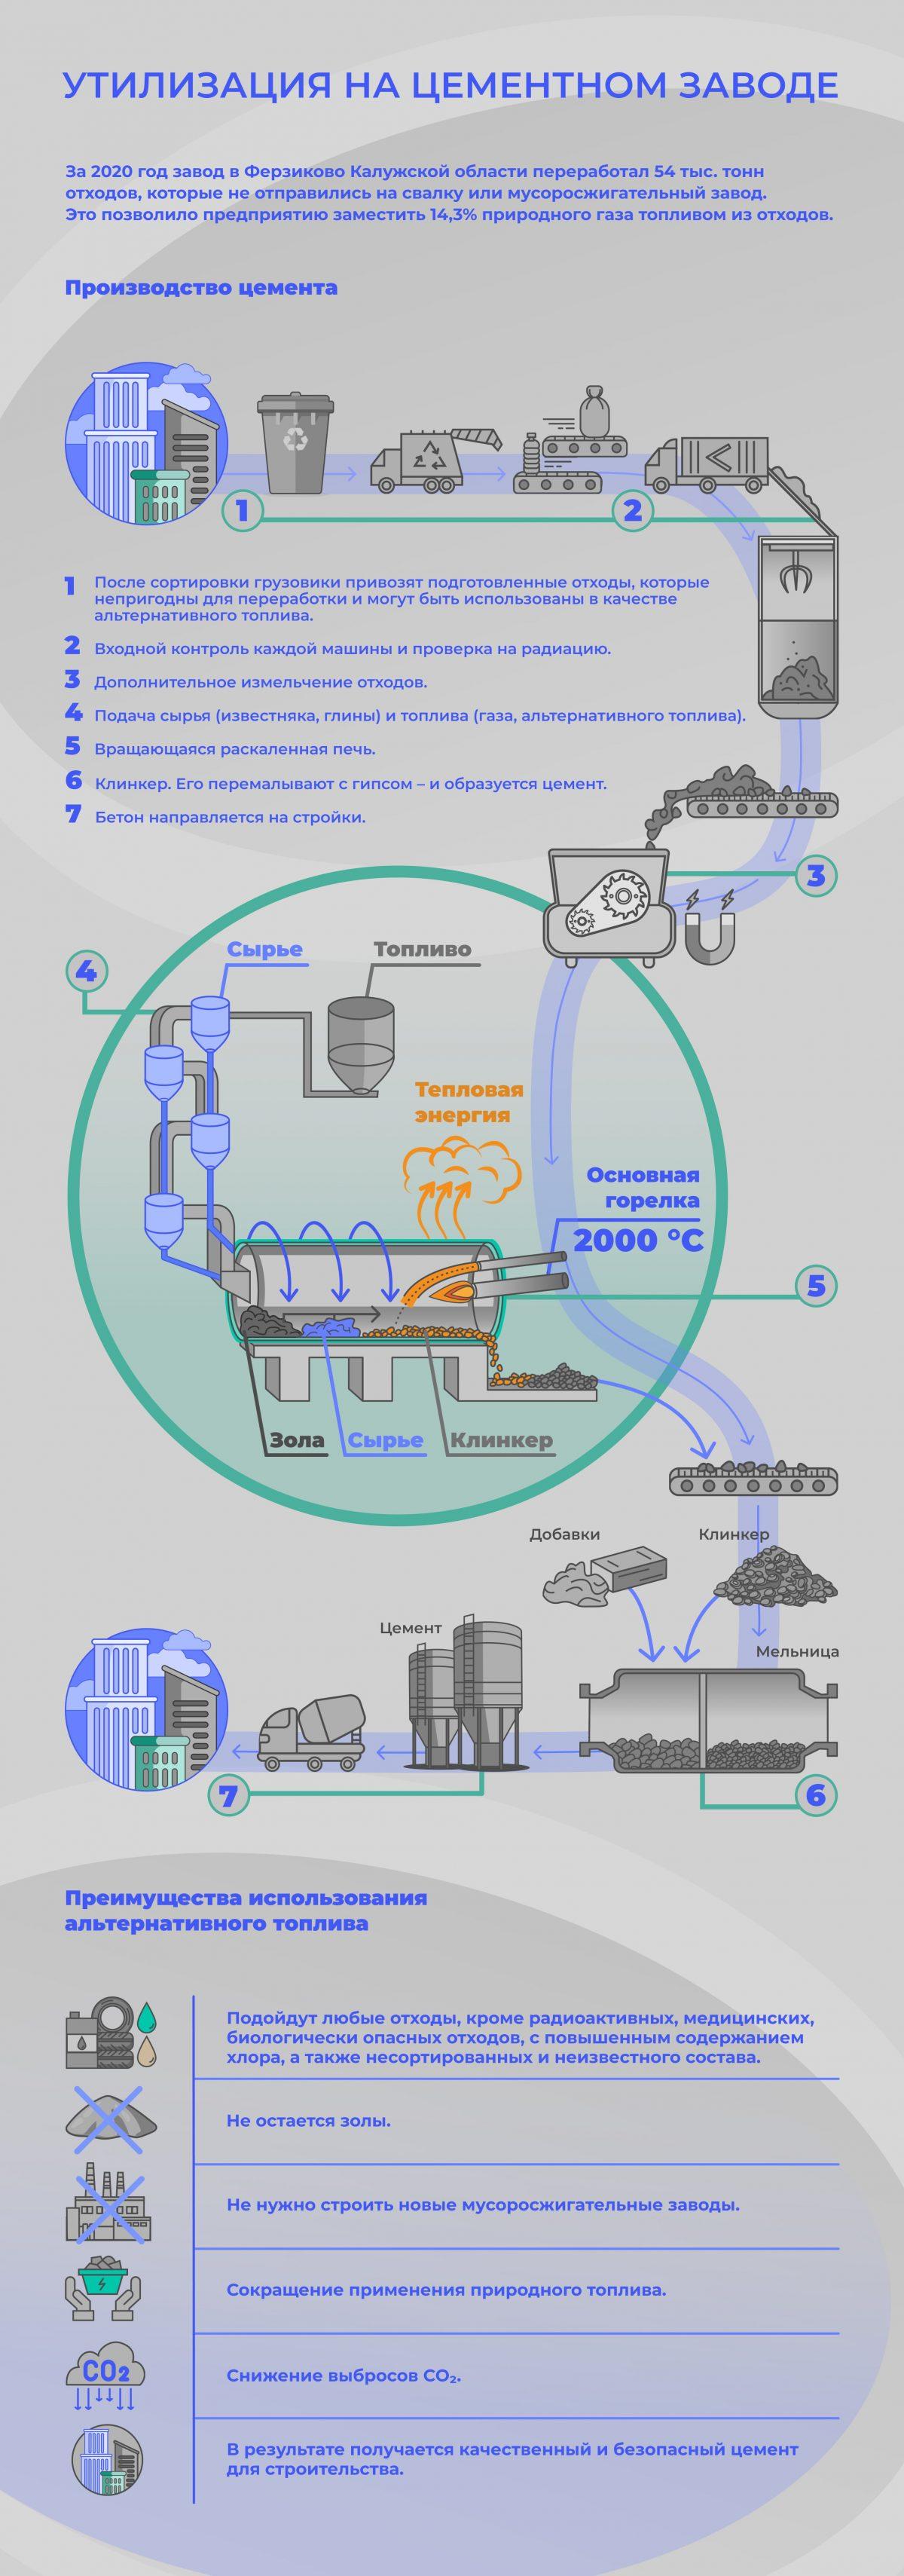 Утилизация на цементном заводе